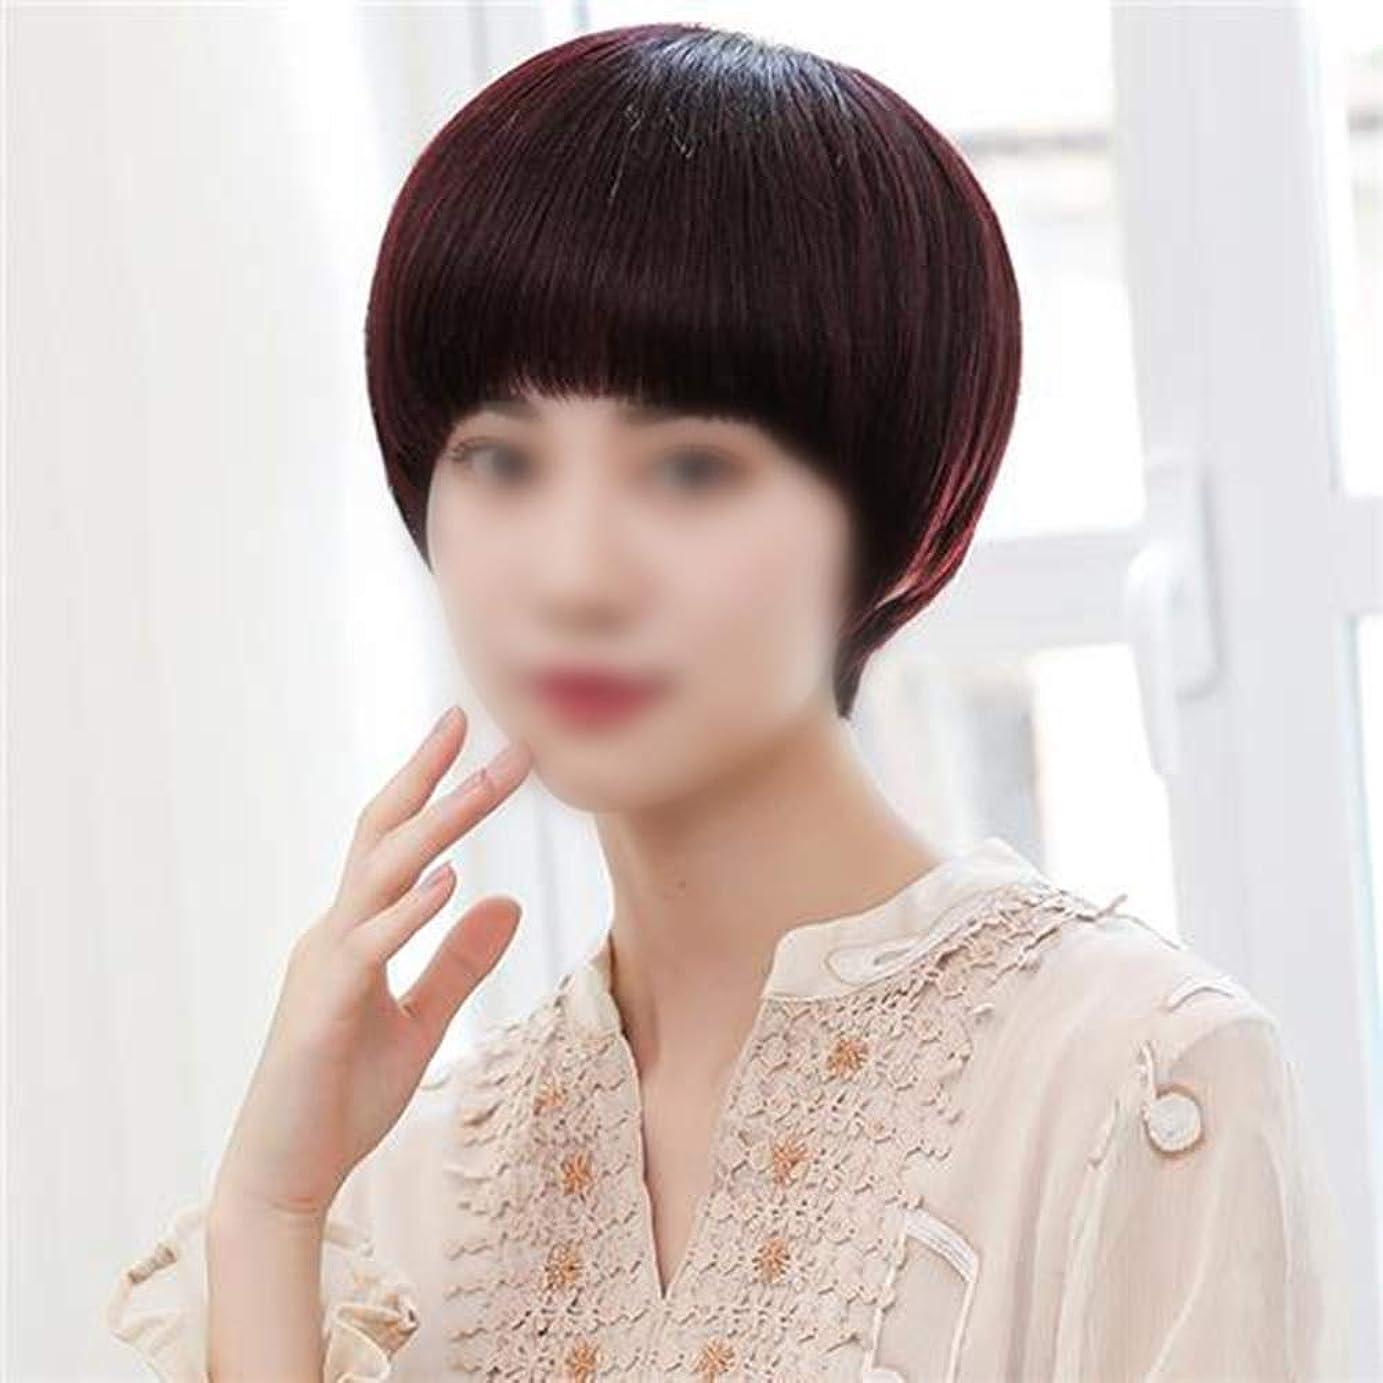 一貫した時々黒くするYAHONGOE リアルヘア手編みボブショートストレートヘア前髪ふわふわハンサムウィッグ女性のための毎日のドレスファッションかつら (色 : Natural black)